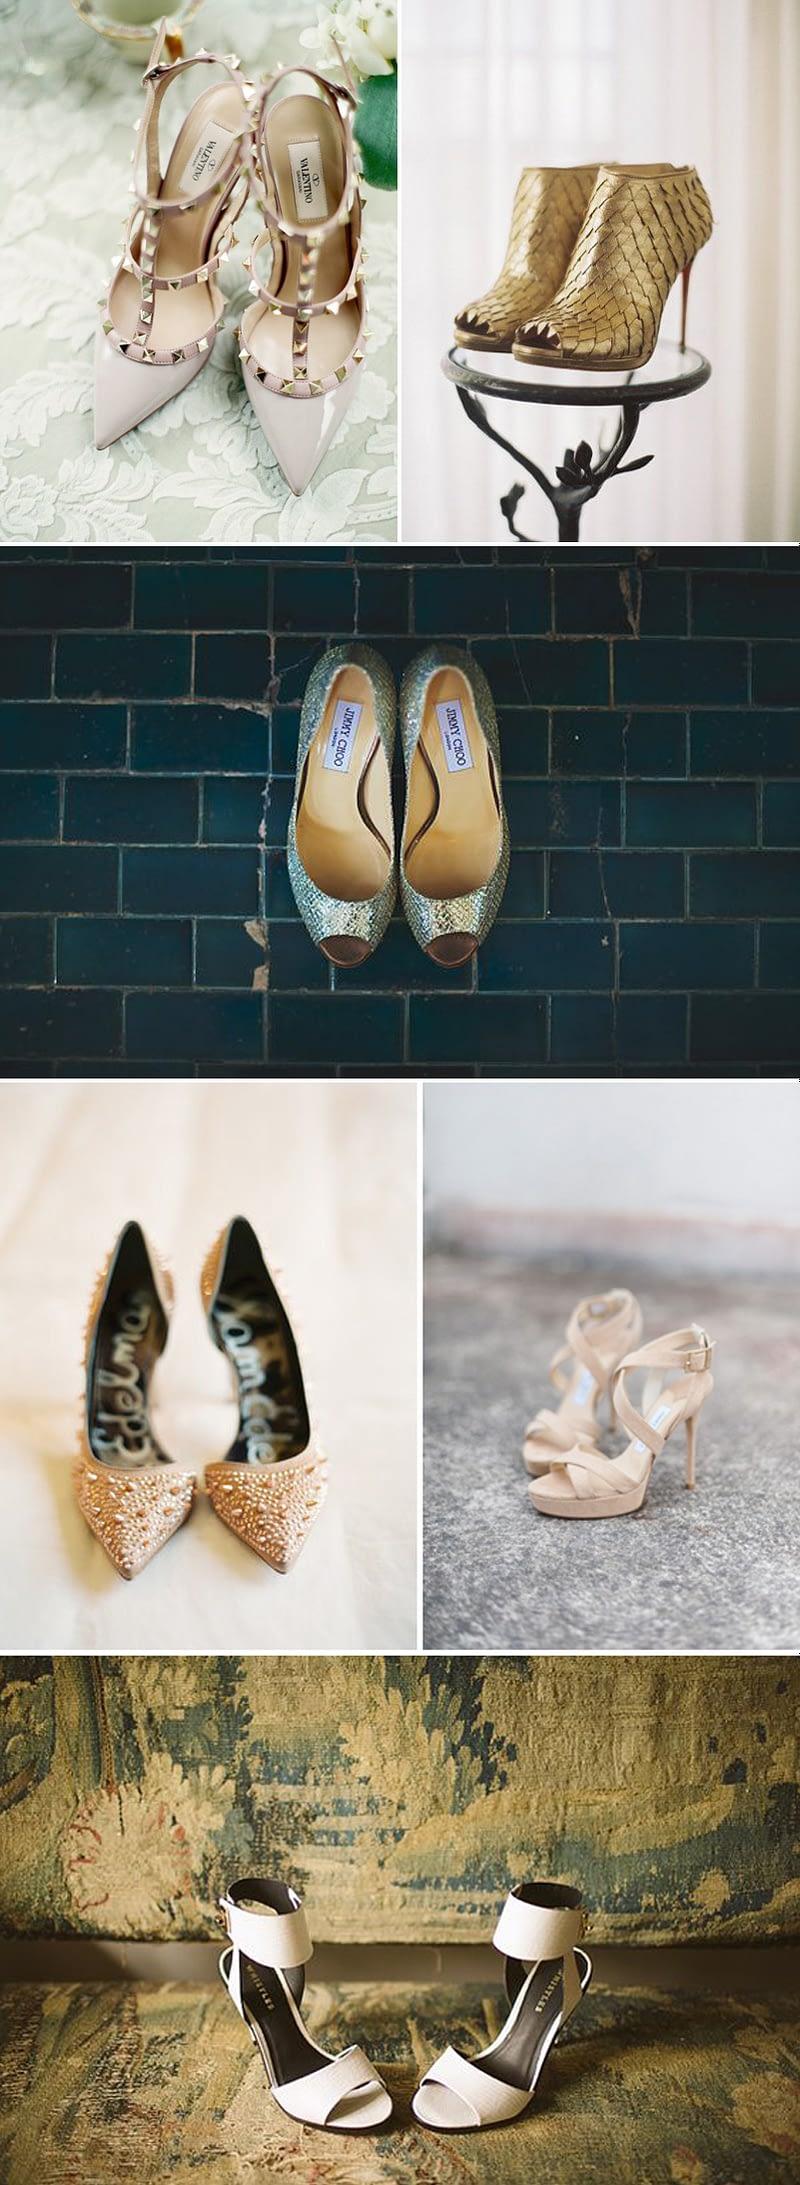 Coco Wedding Venues - City Chic Wedding Inspiration - Killer Heels.